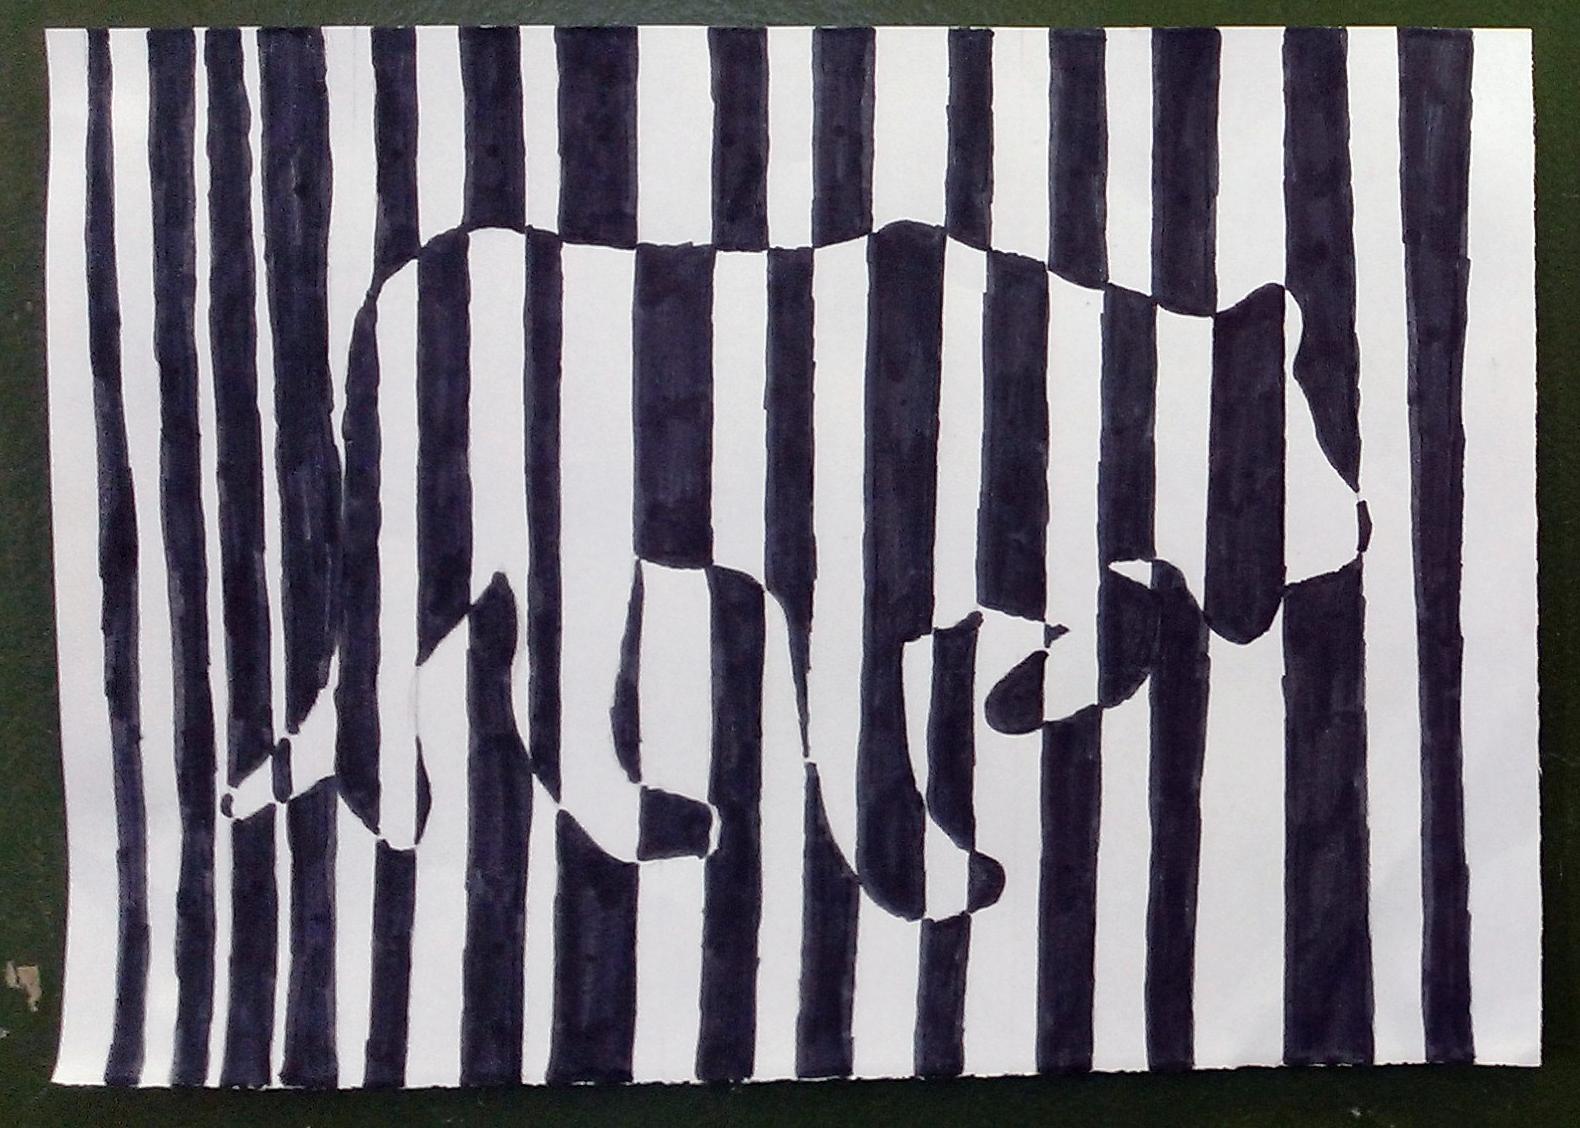 Une lionne en code barres  la mani¨re de Vasarely Une lionne en code barres  la mani¨re de Vasarely